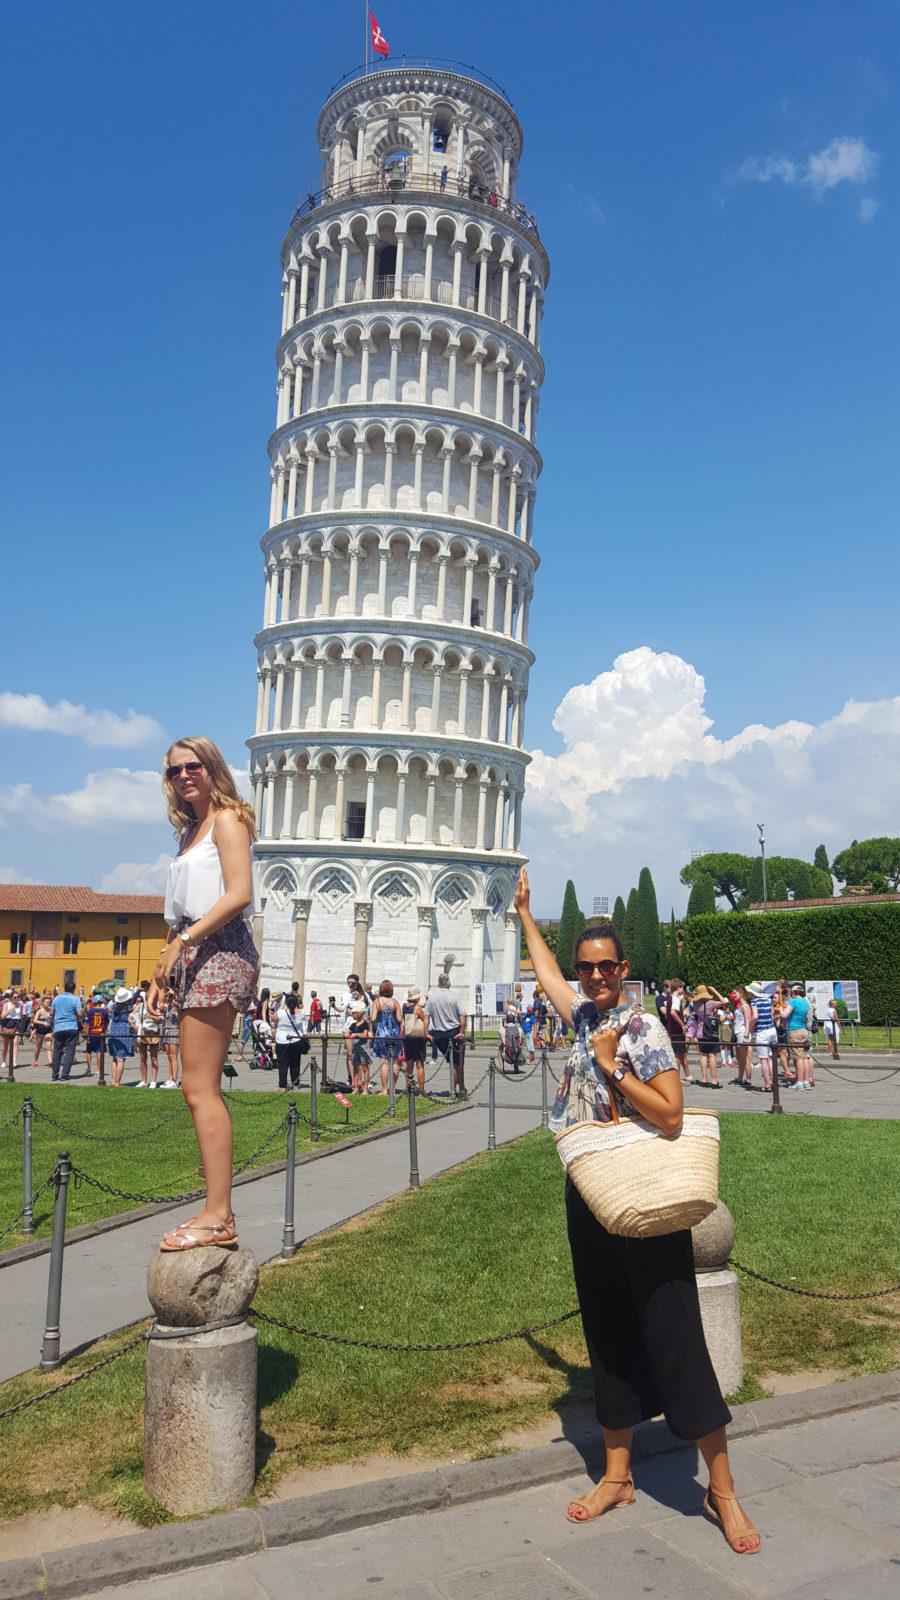 Der Klassiker: Fotoaction vor dem schiefen Turm von Pisa